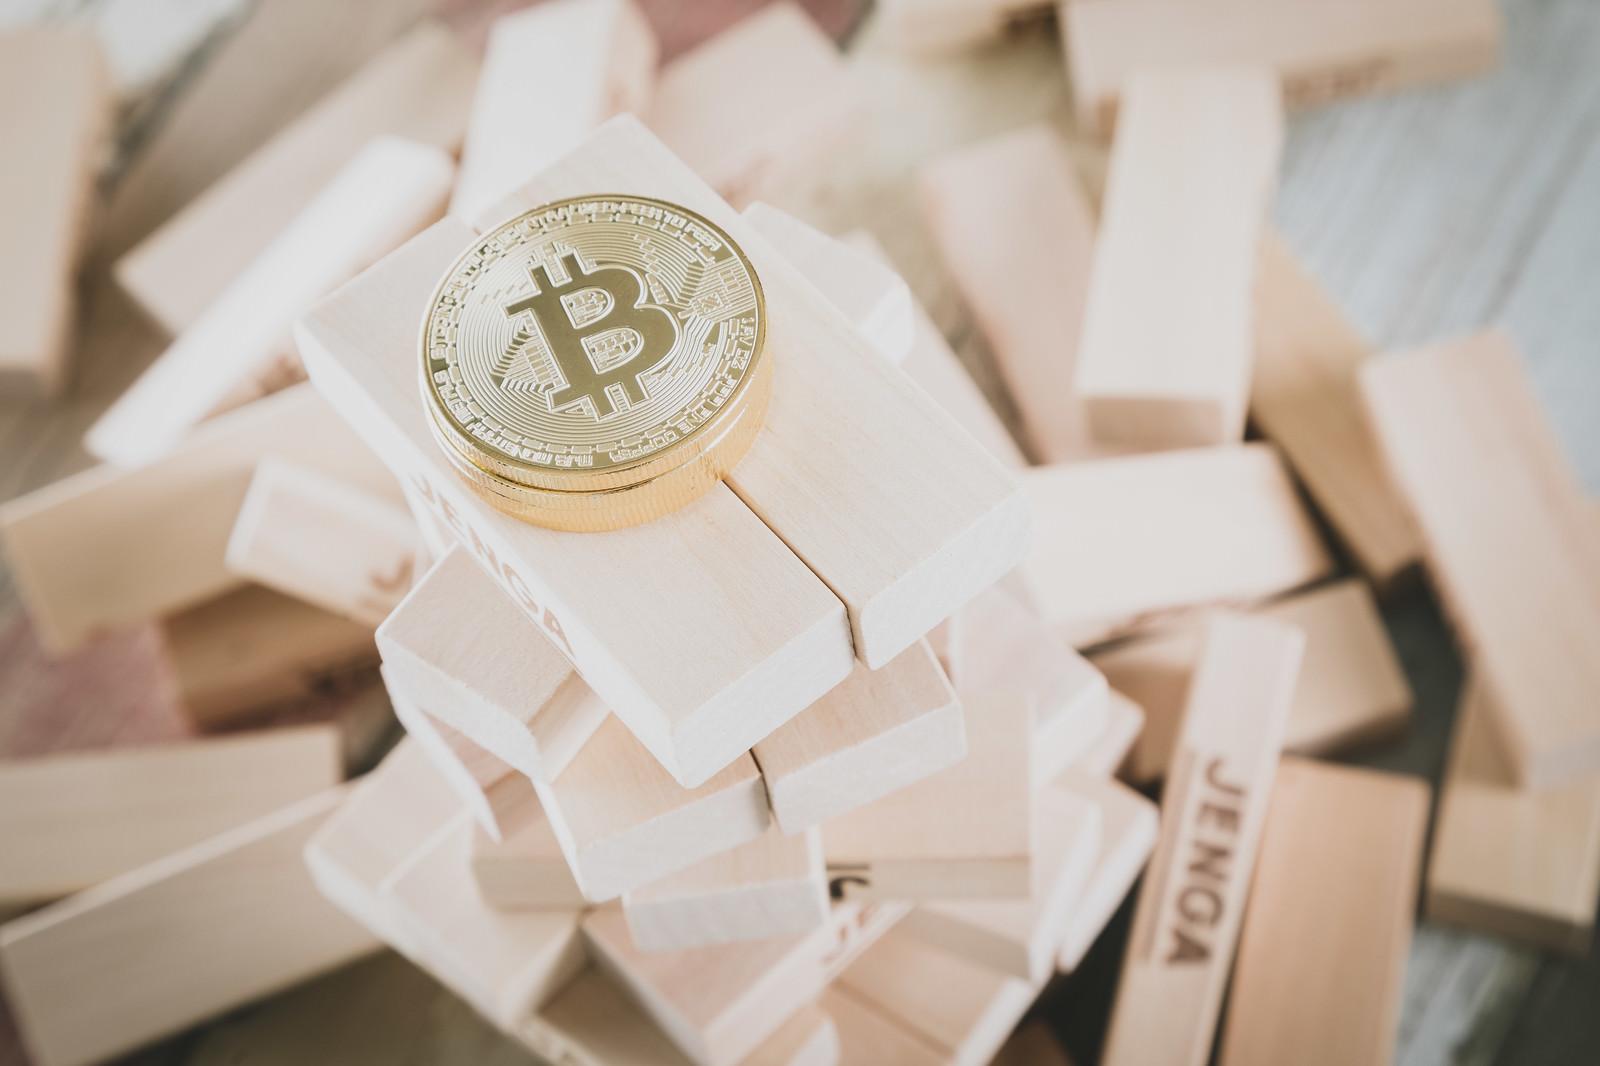 「急上昇したビットコイン」の写真